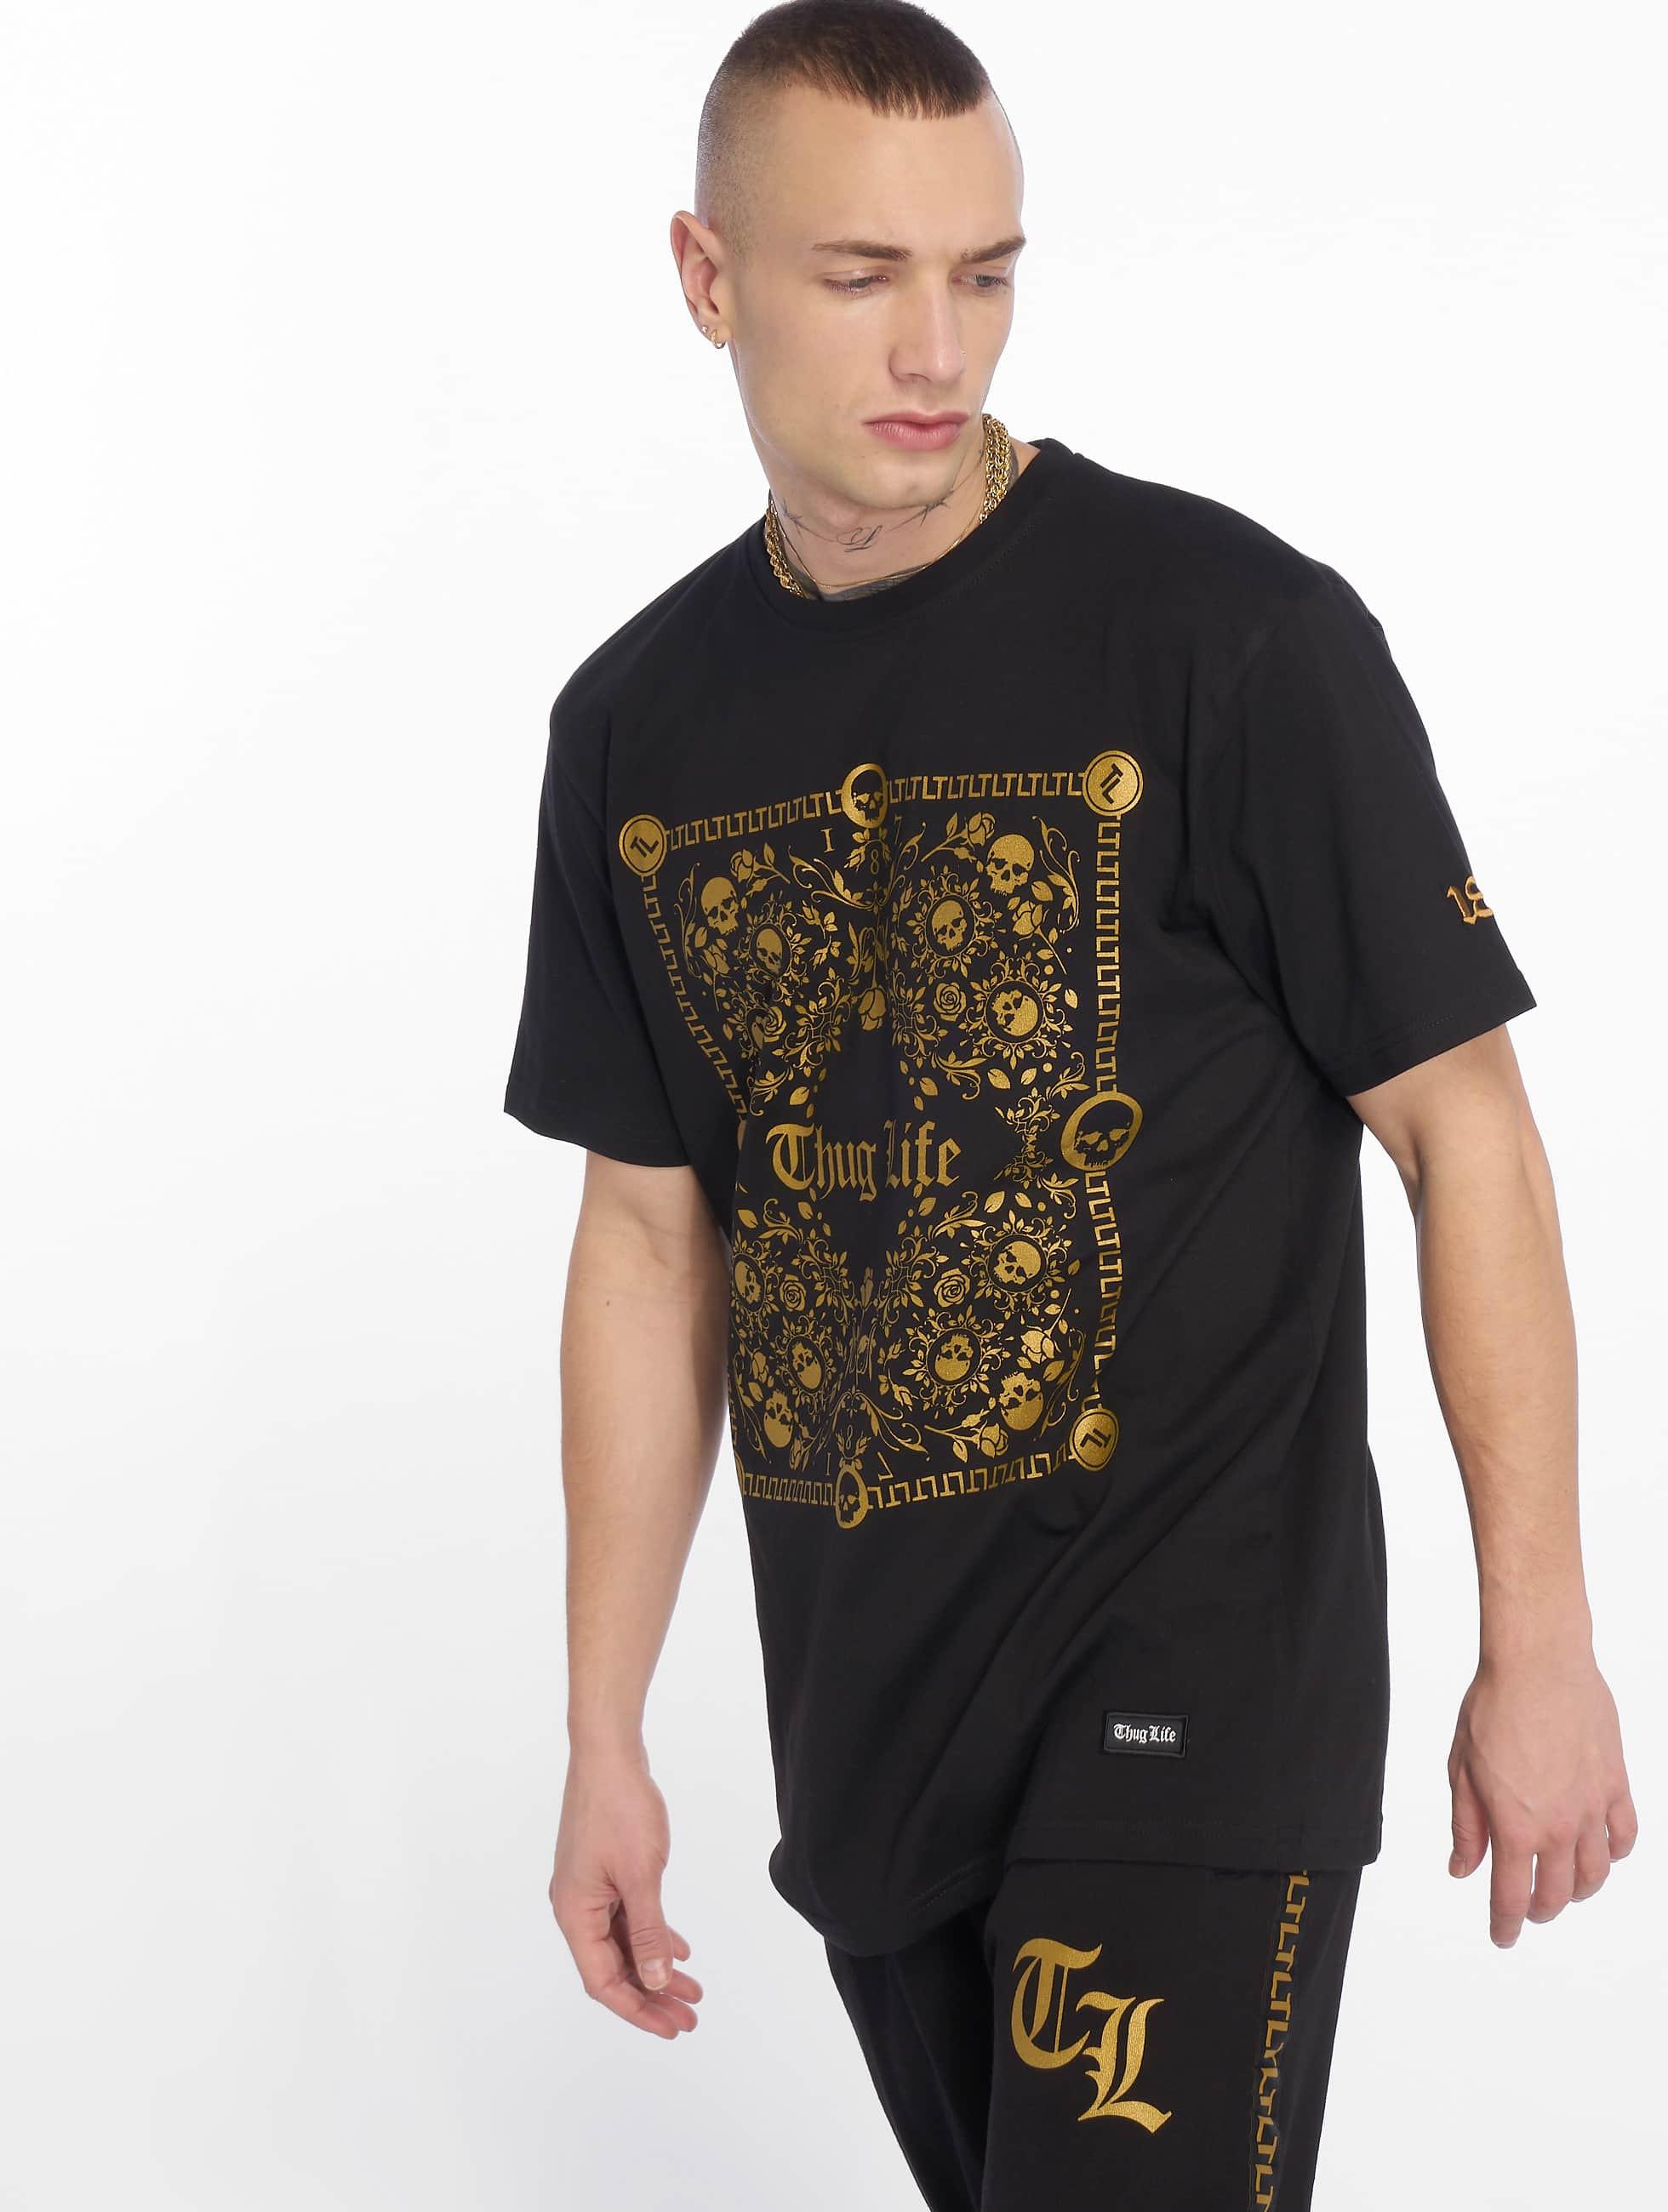 Thug Life / T-Shirt Prinz in black XL